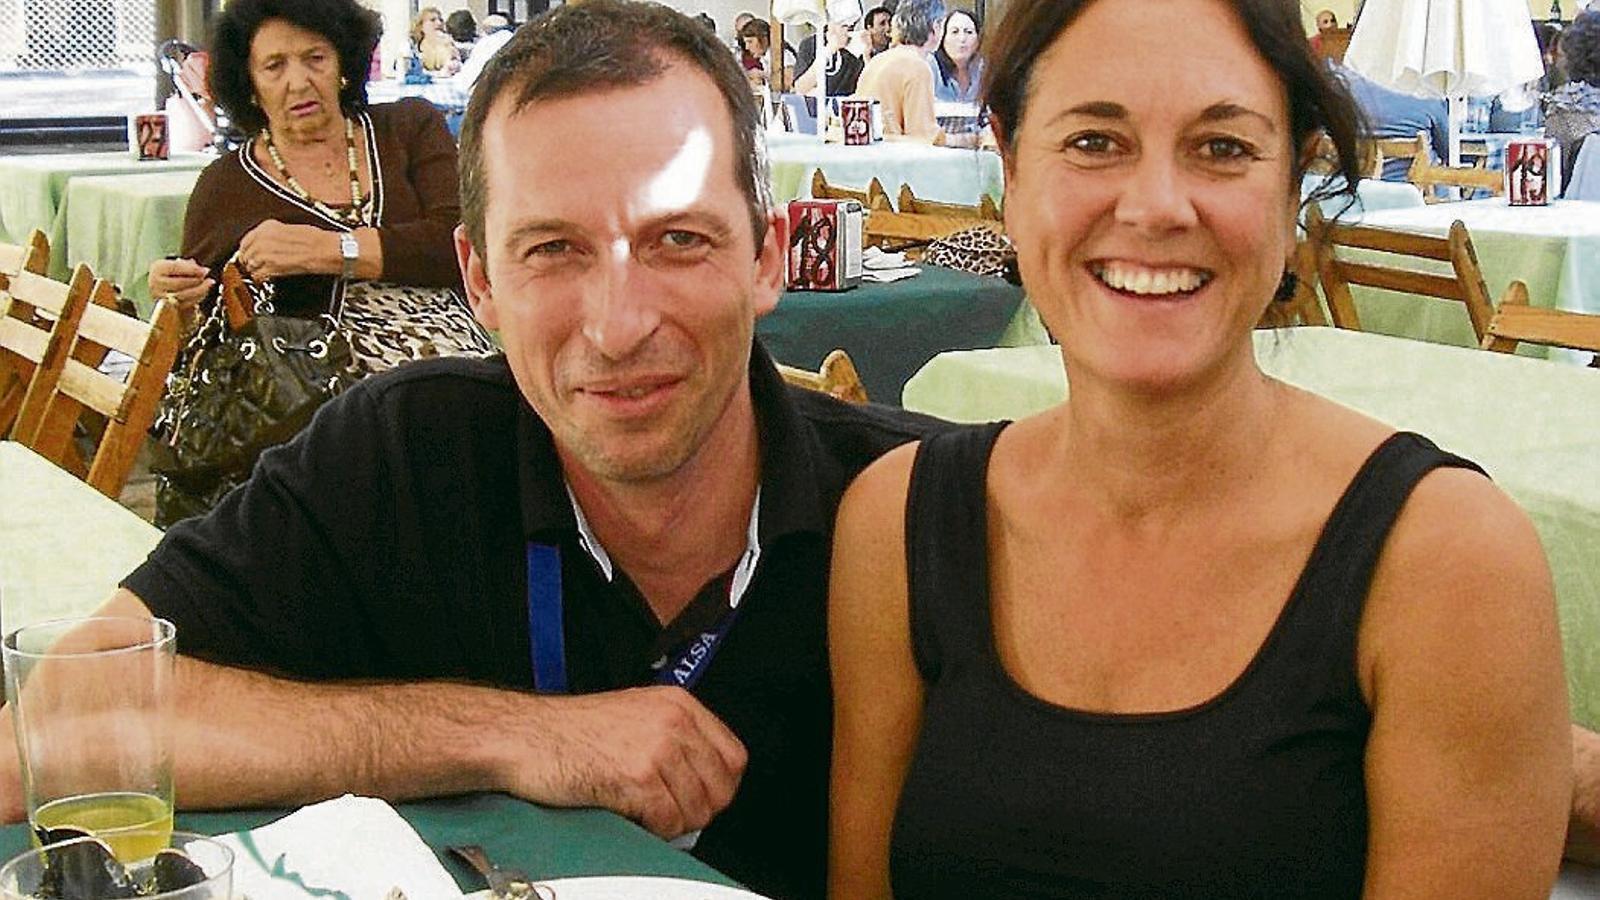 Els infermers Enric Mateo i Alba Brugués en un dinar a la terrassa d'un restaurant d'Oviedo durant la celebració d'un congrés a la capital d'Astúries.